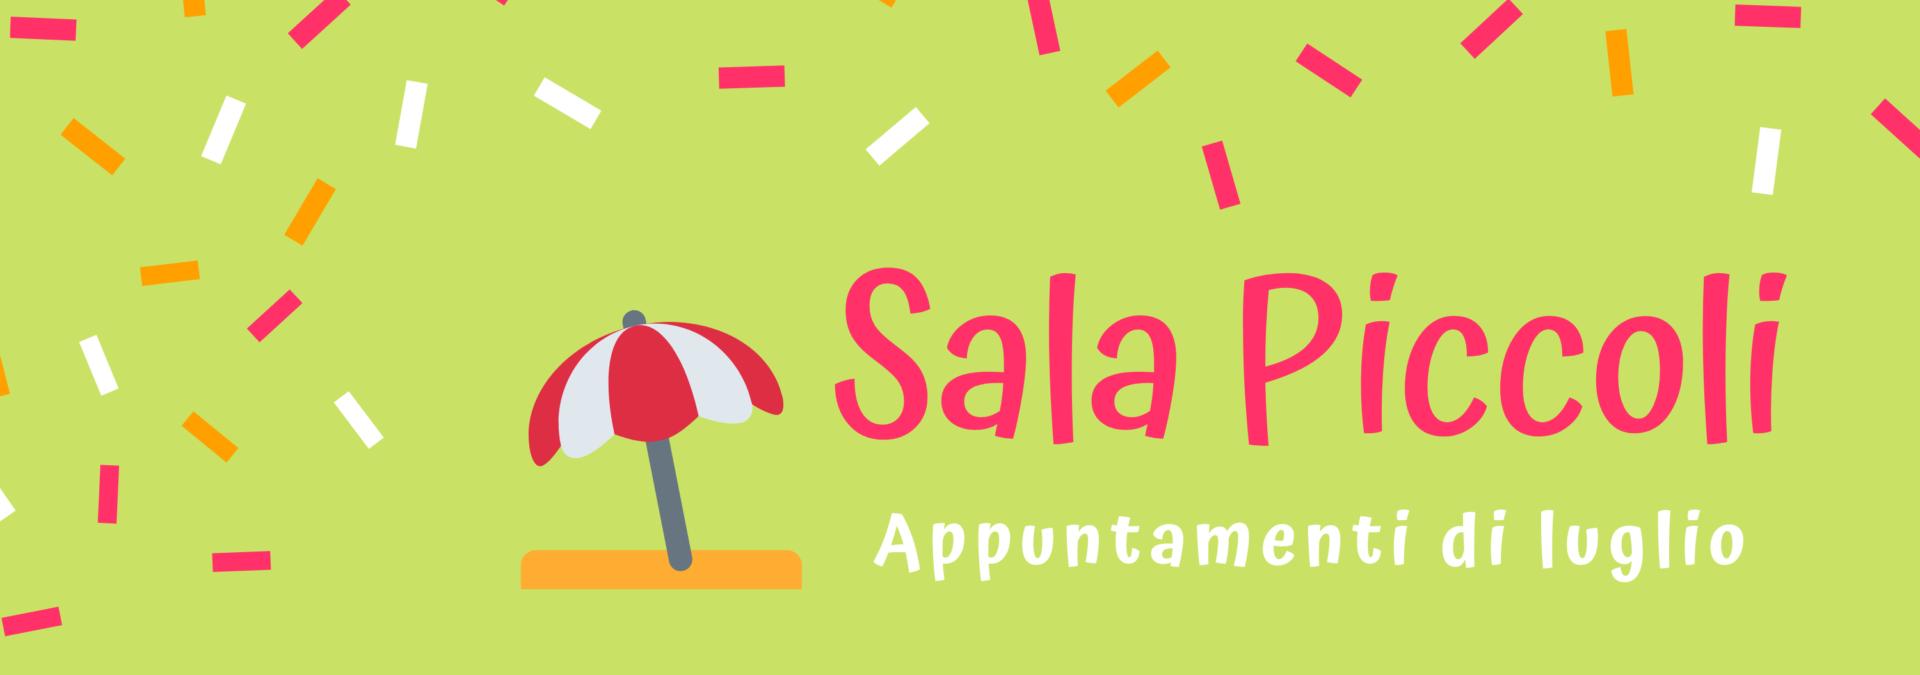 Appuntamenti di luglio in Sala Piccoli